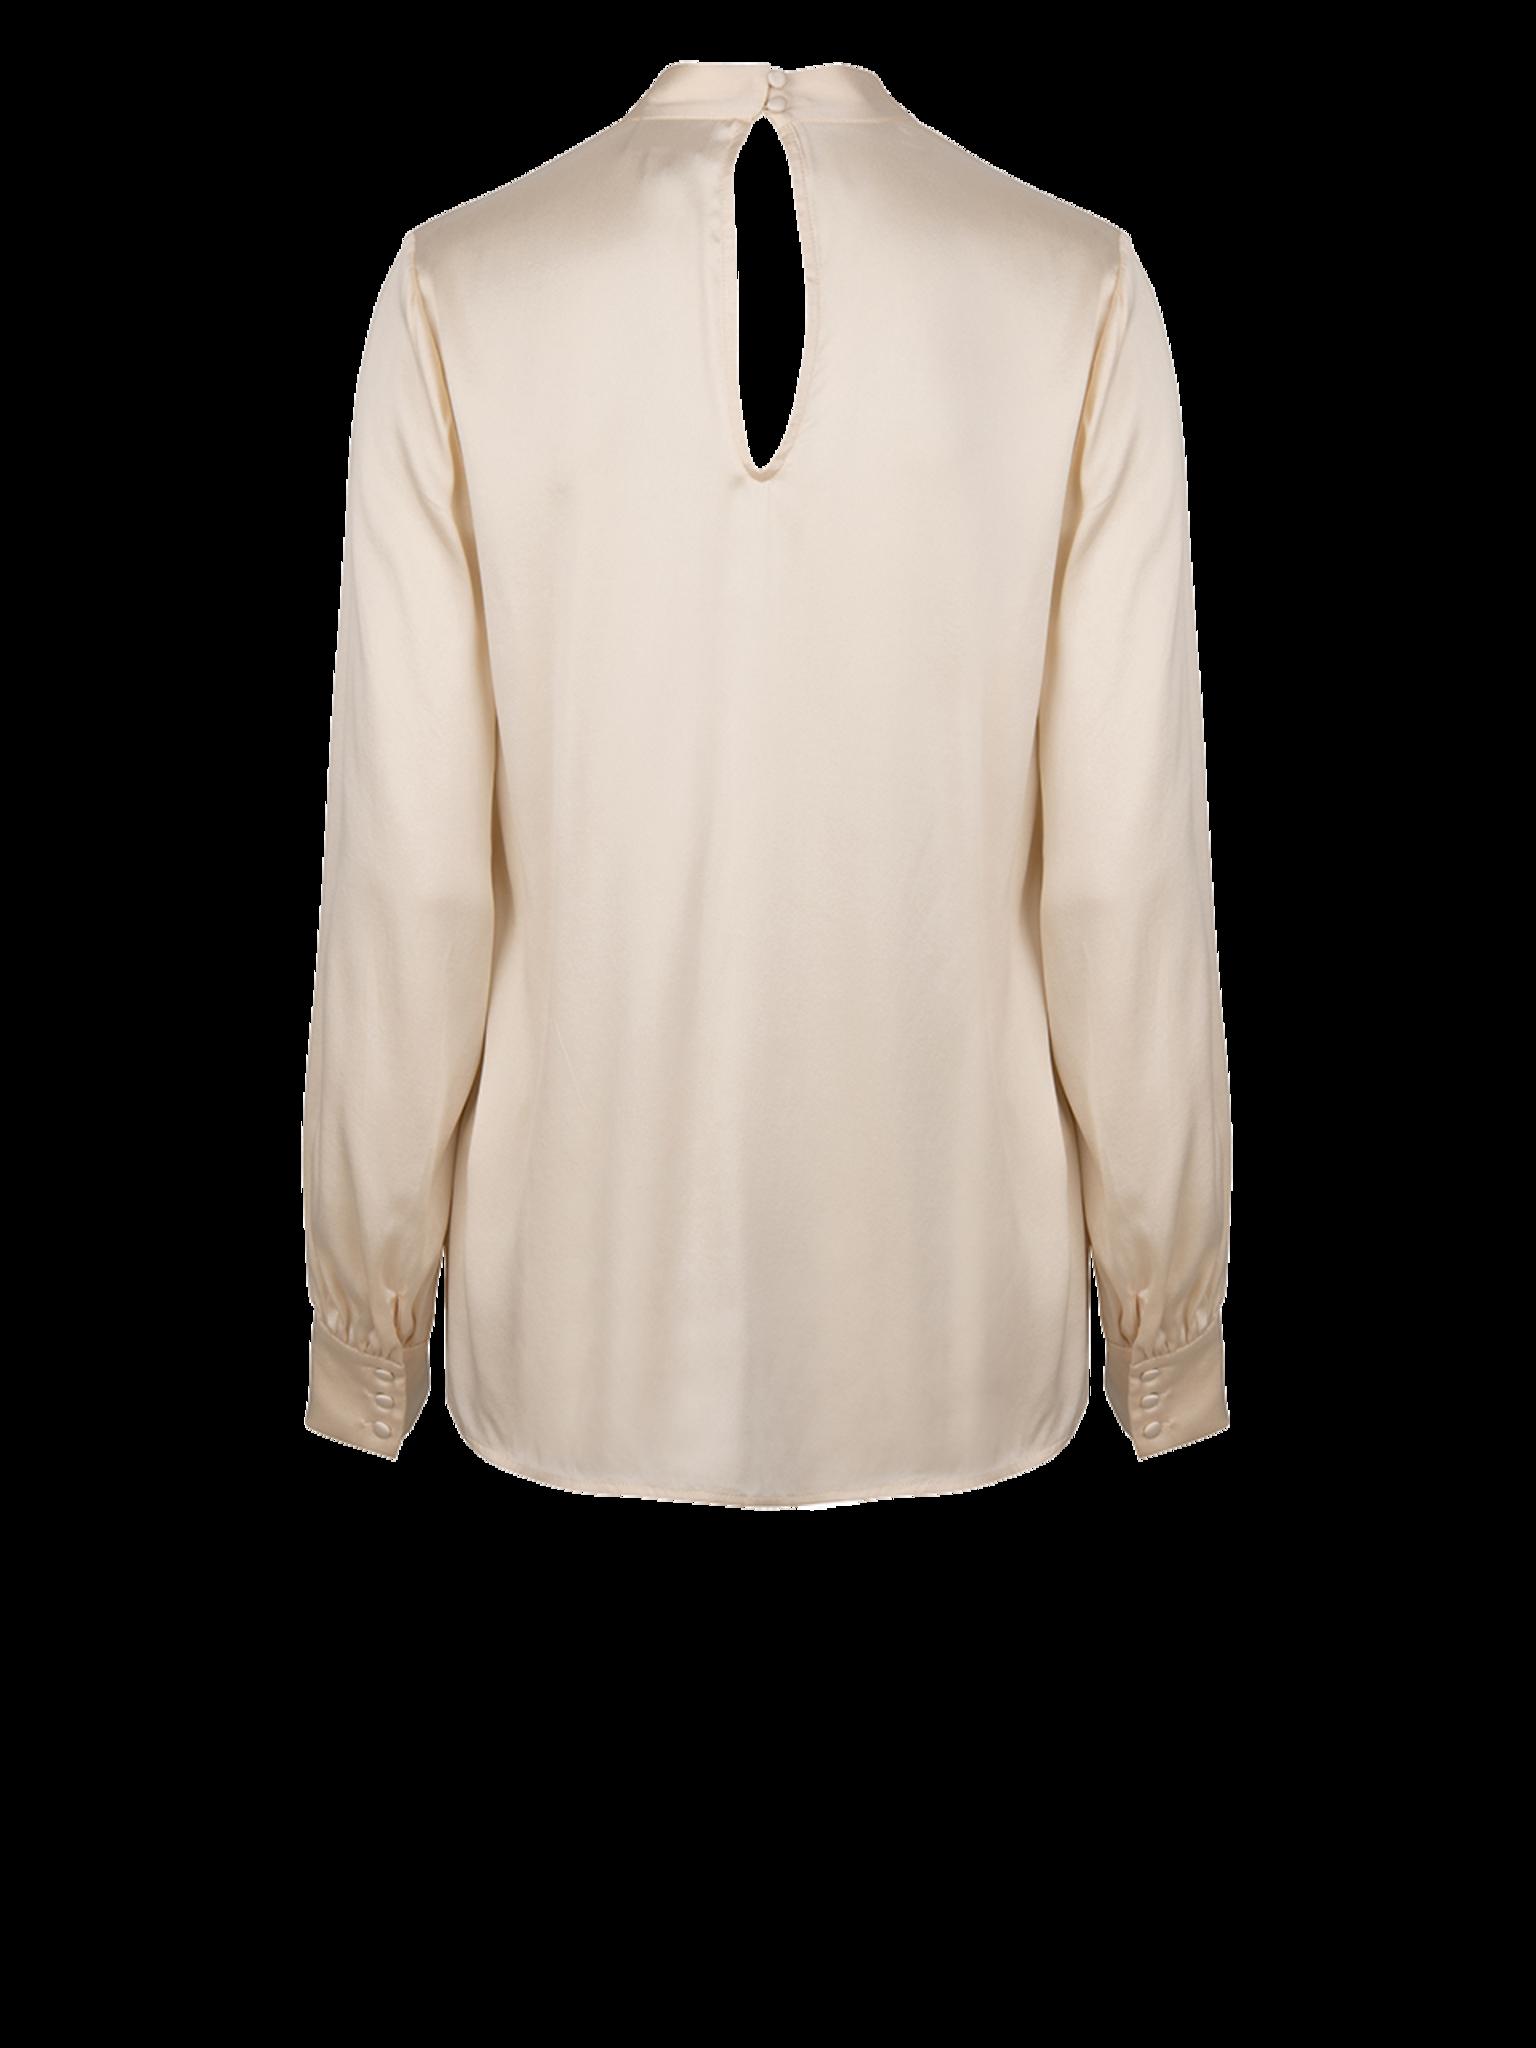 Dante 6 Shirts 211116 IZELLA-2